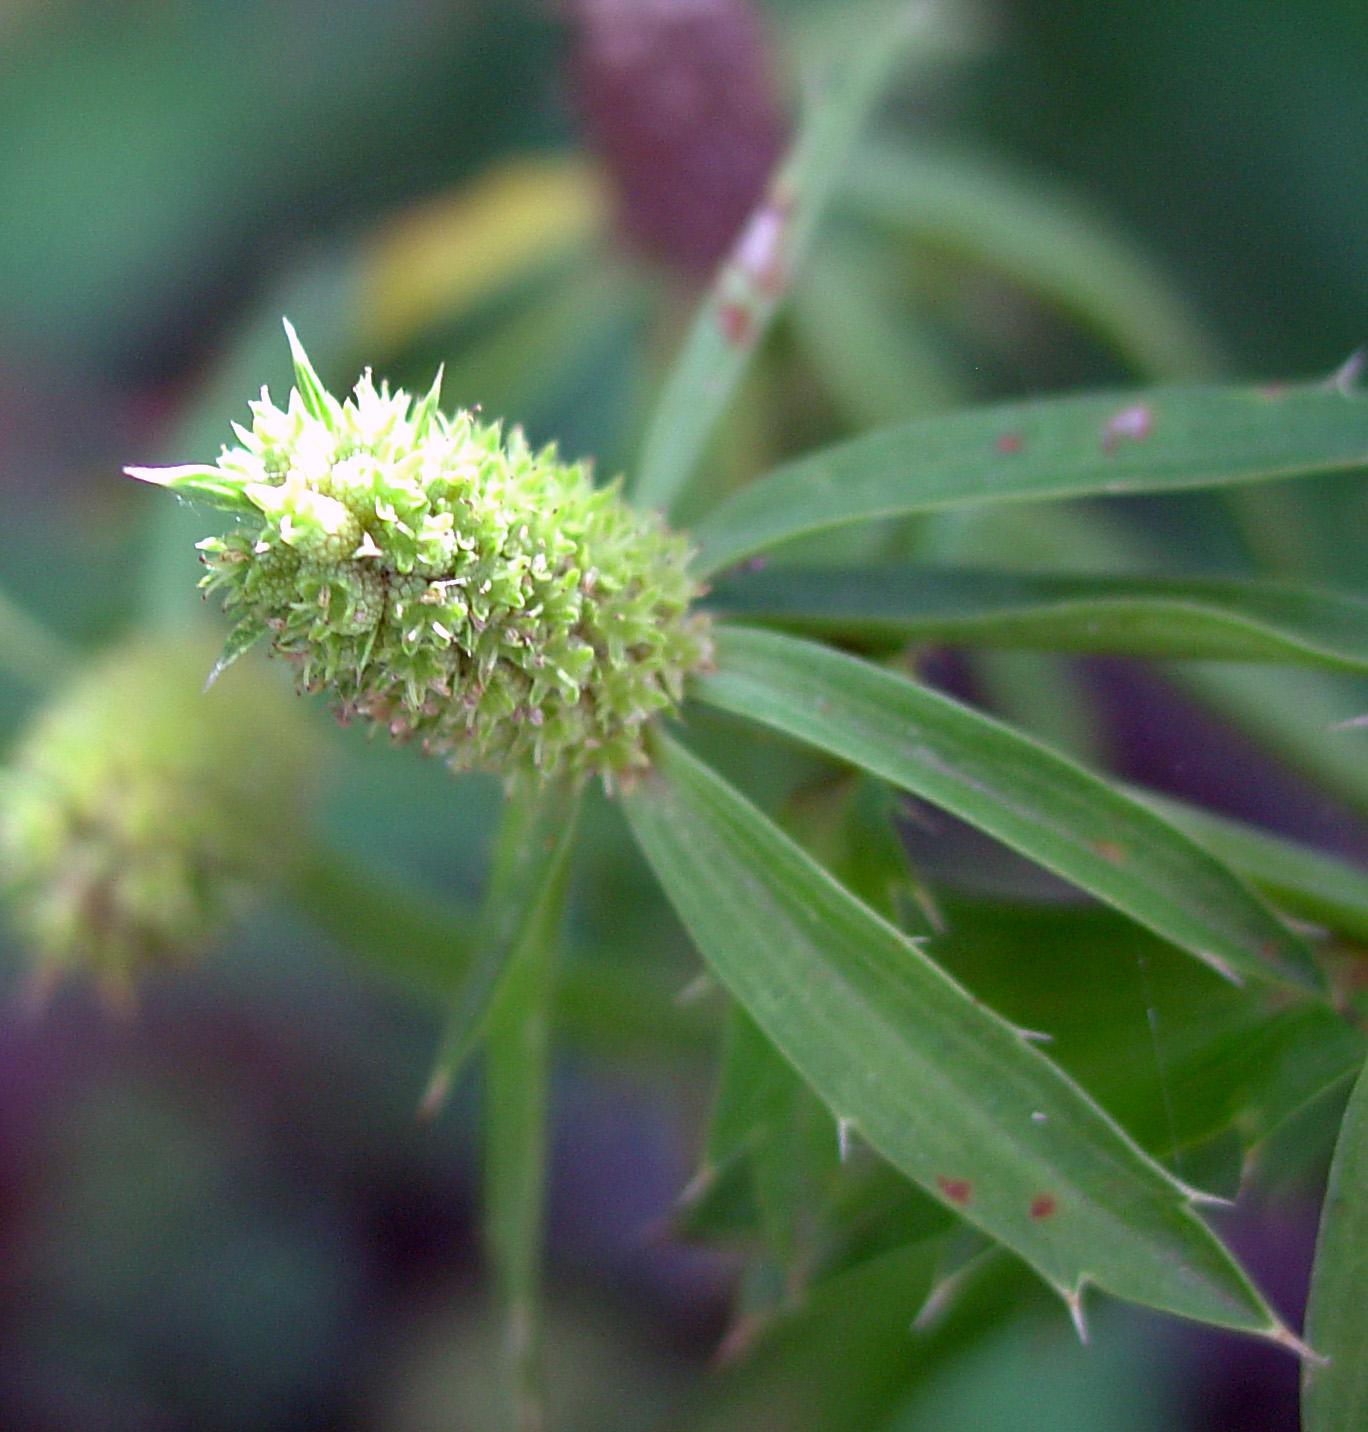 antiviral activity of medicinal plants pdf